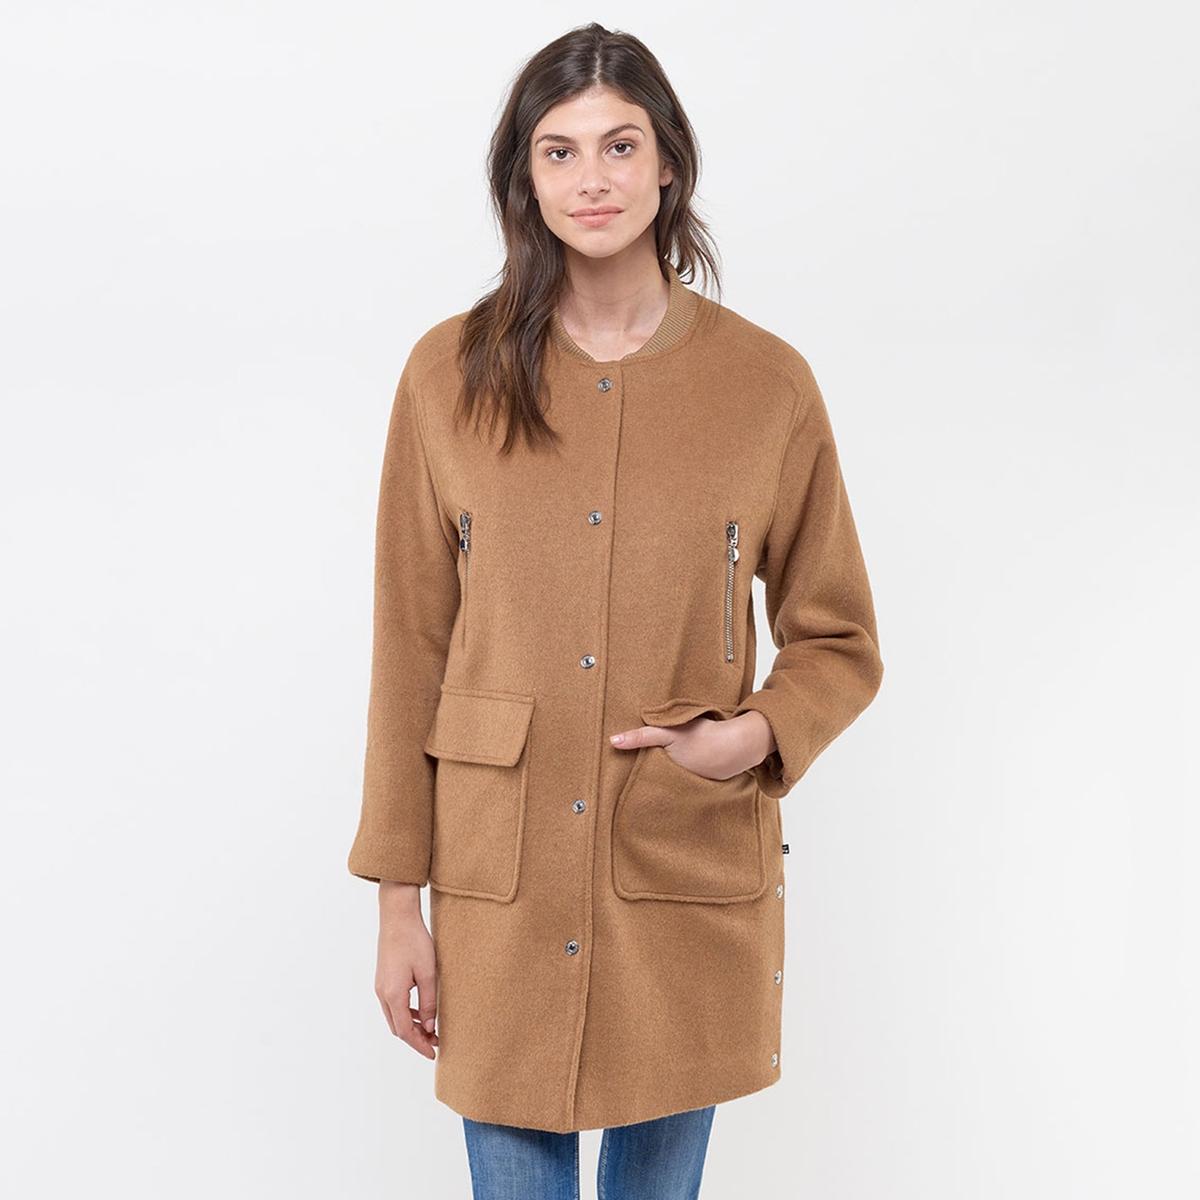 цена Пальто La Redoute Длинное на молнии XS каштановый онлайн в 2017 году